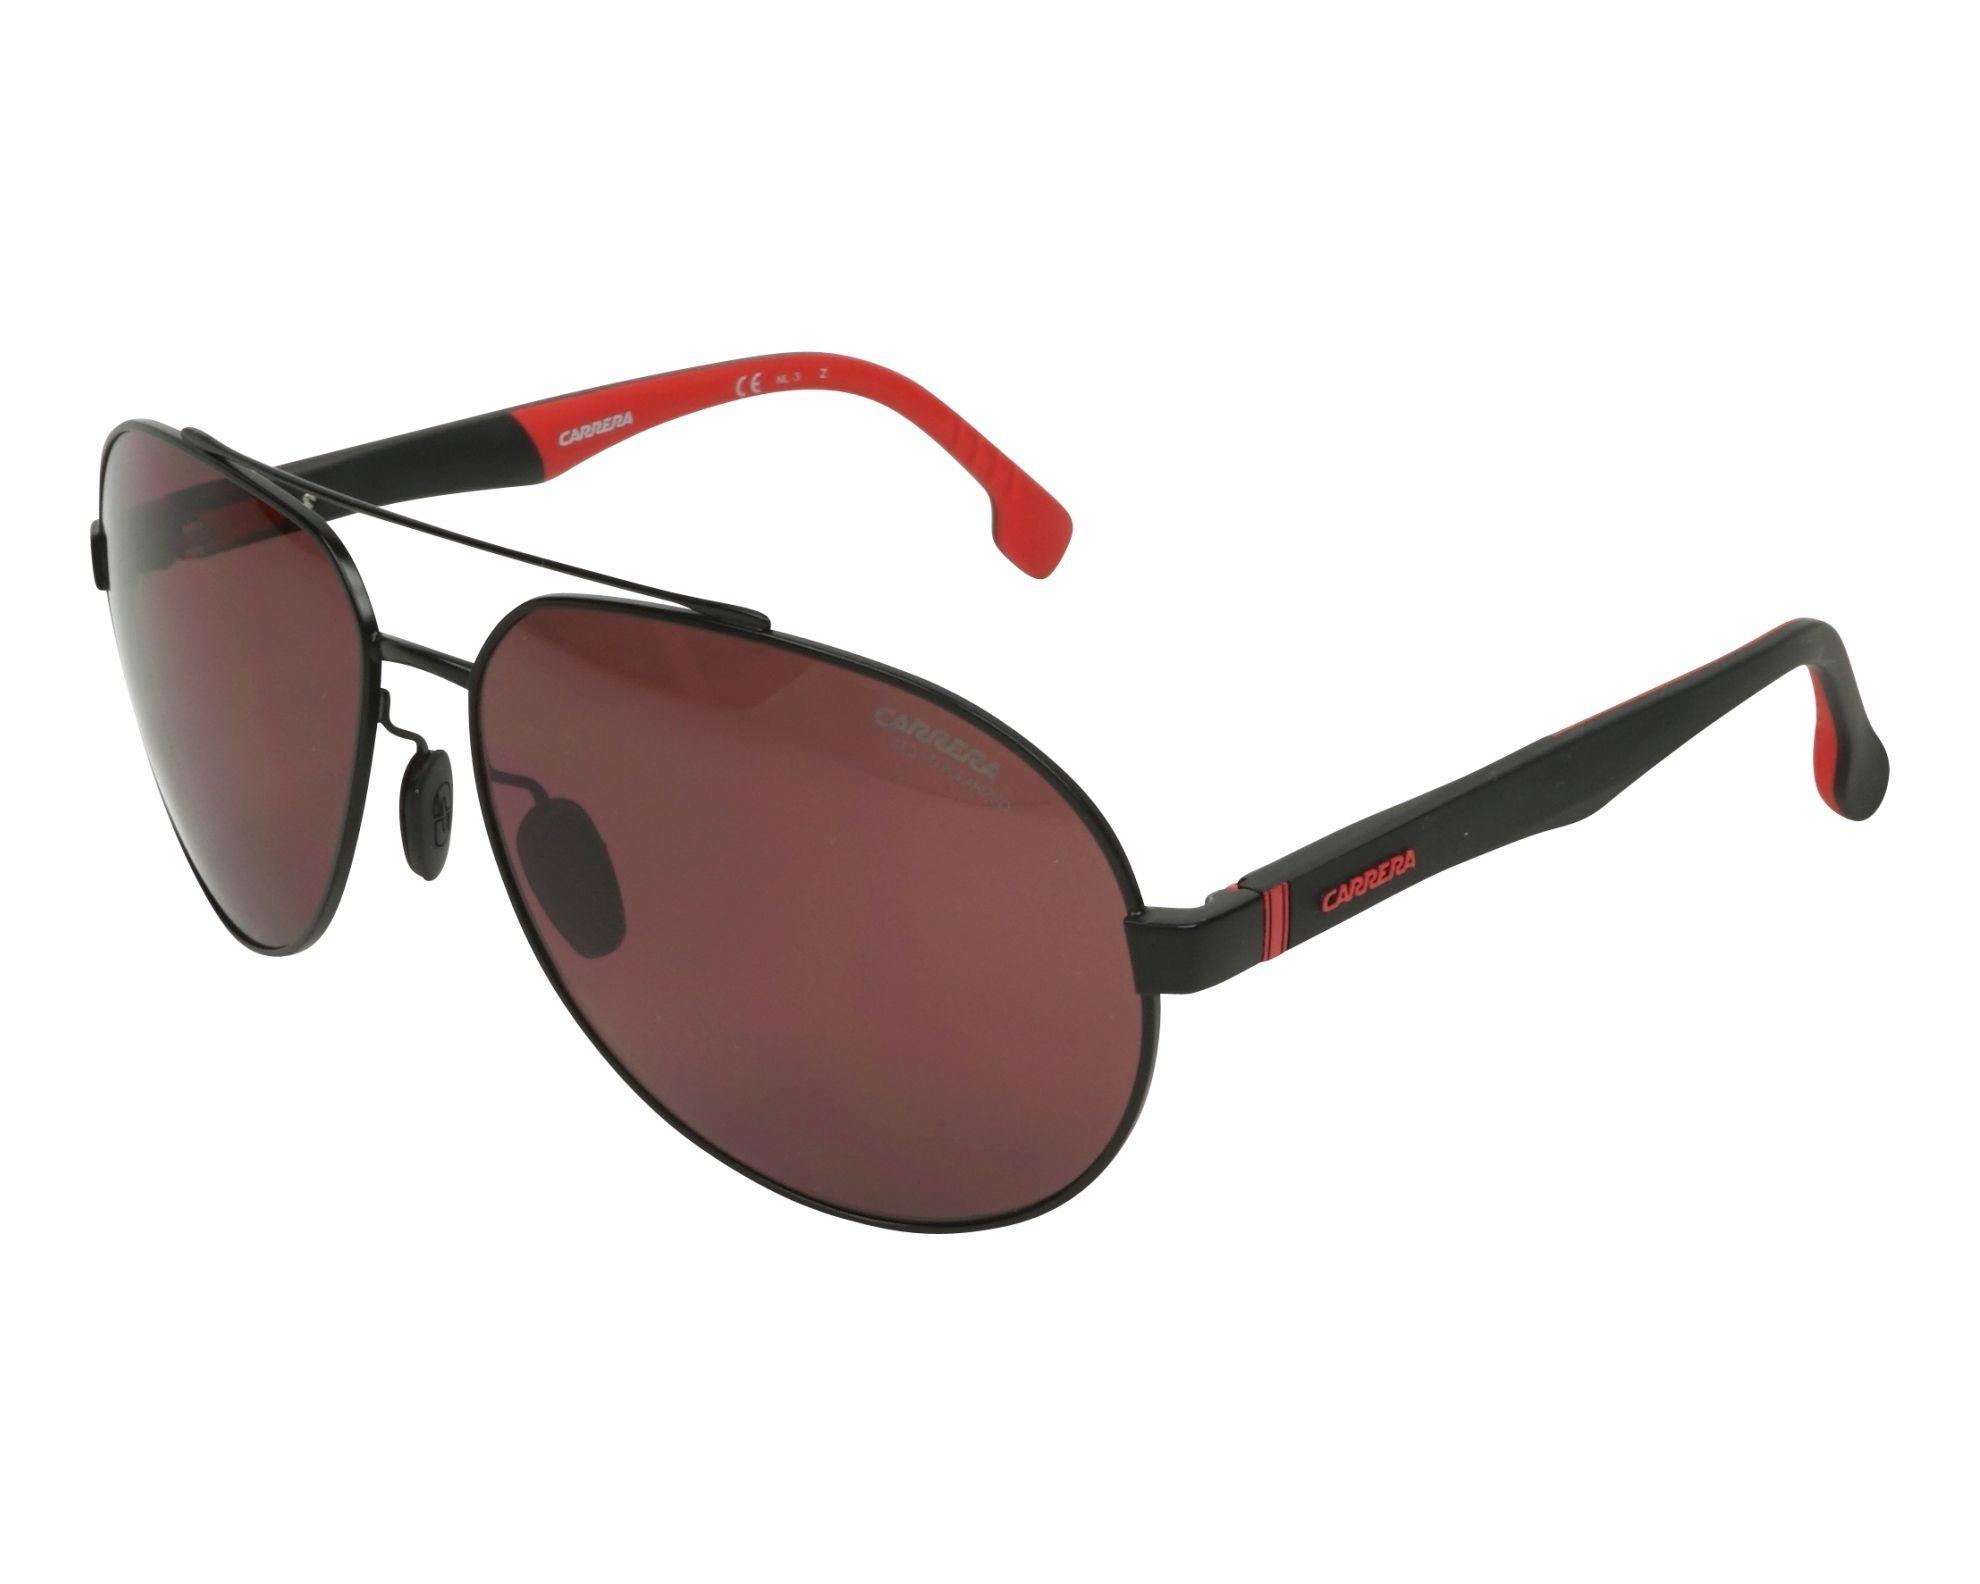 CARRERA Sonnenbrille 8025/S HcWPWV2xd